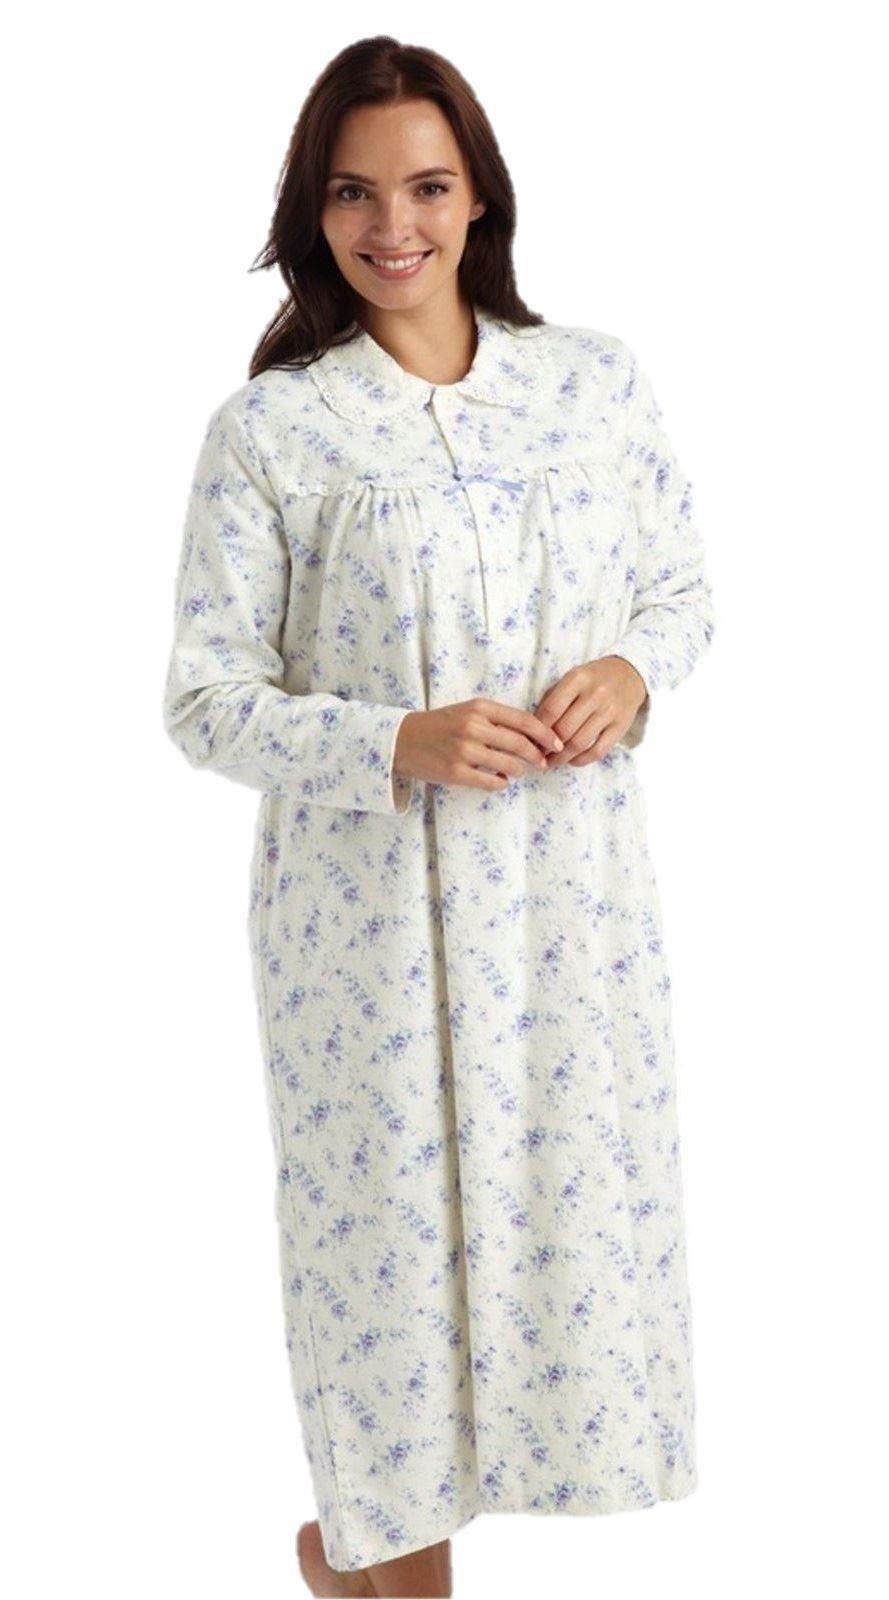 camicia da notte donna flanella misura 44 46 48 50 52 54 ebay. Black Bedroom Furniture Sets. Home Design Ideas